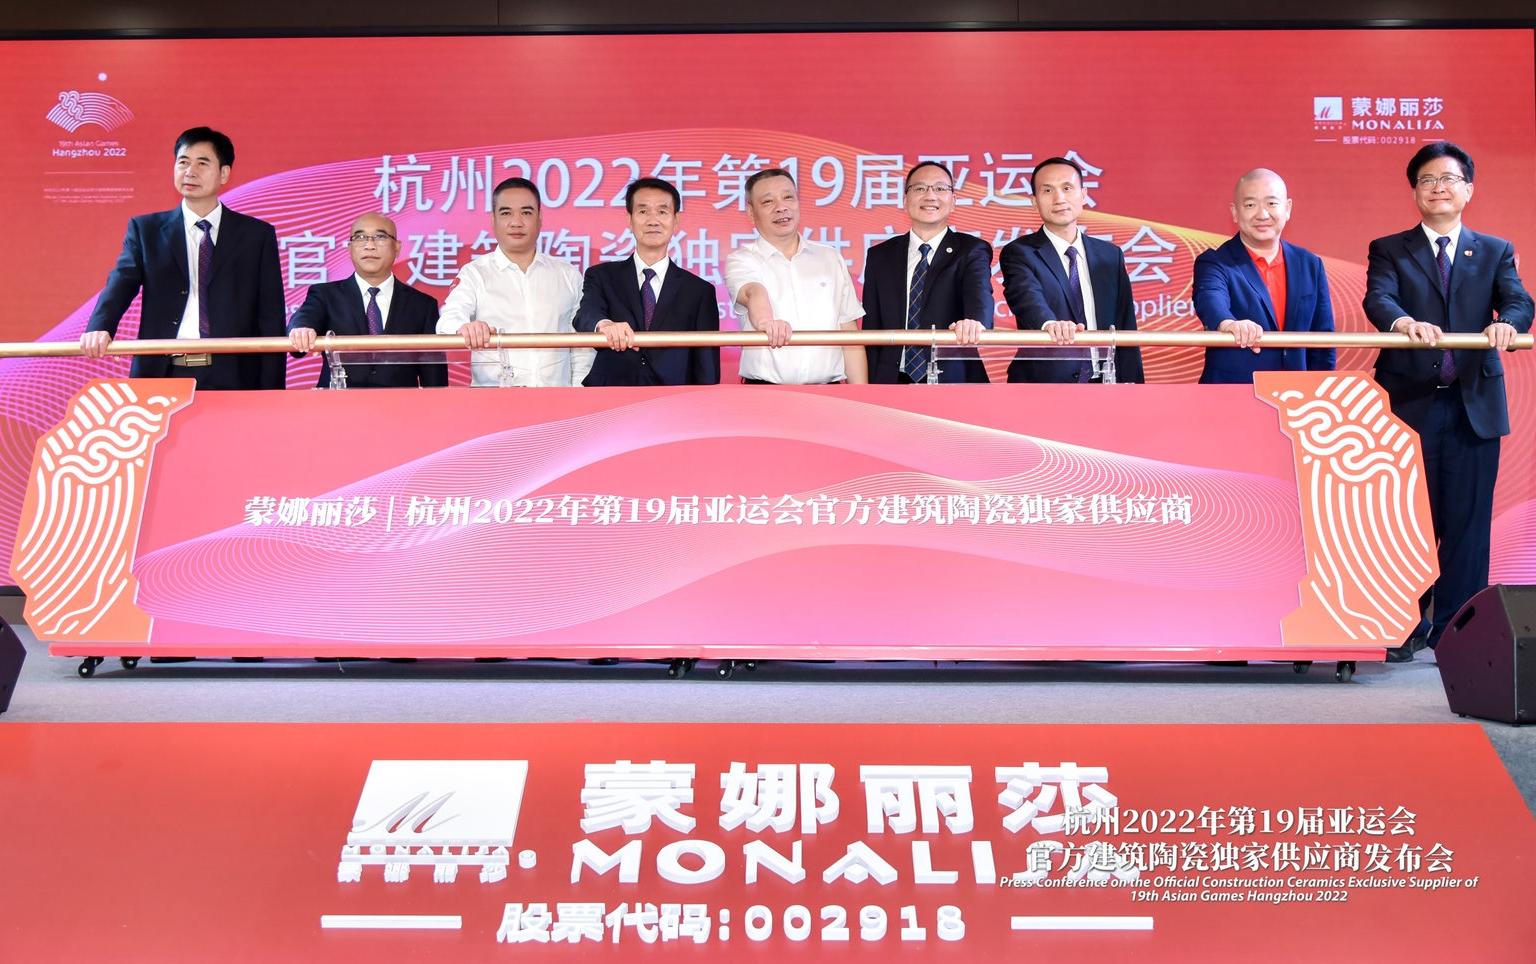 大润发签约杭州亚运会官方独家供应商,打造品牌的亚运内核